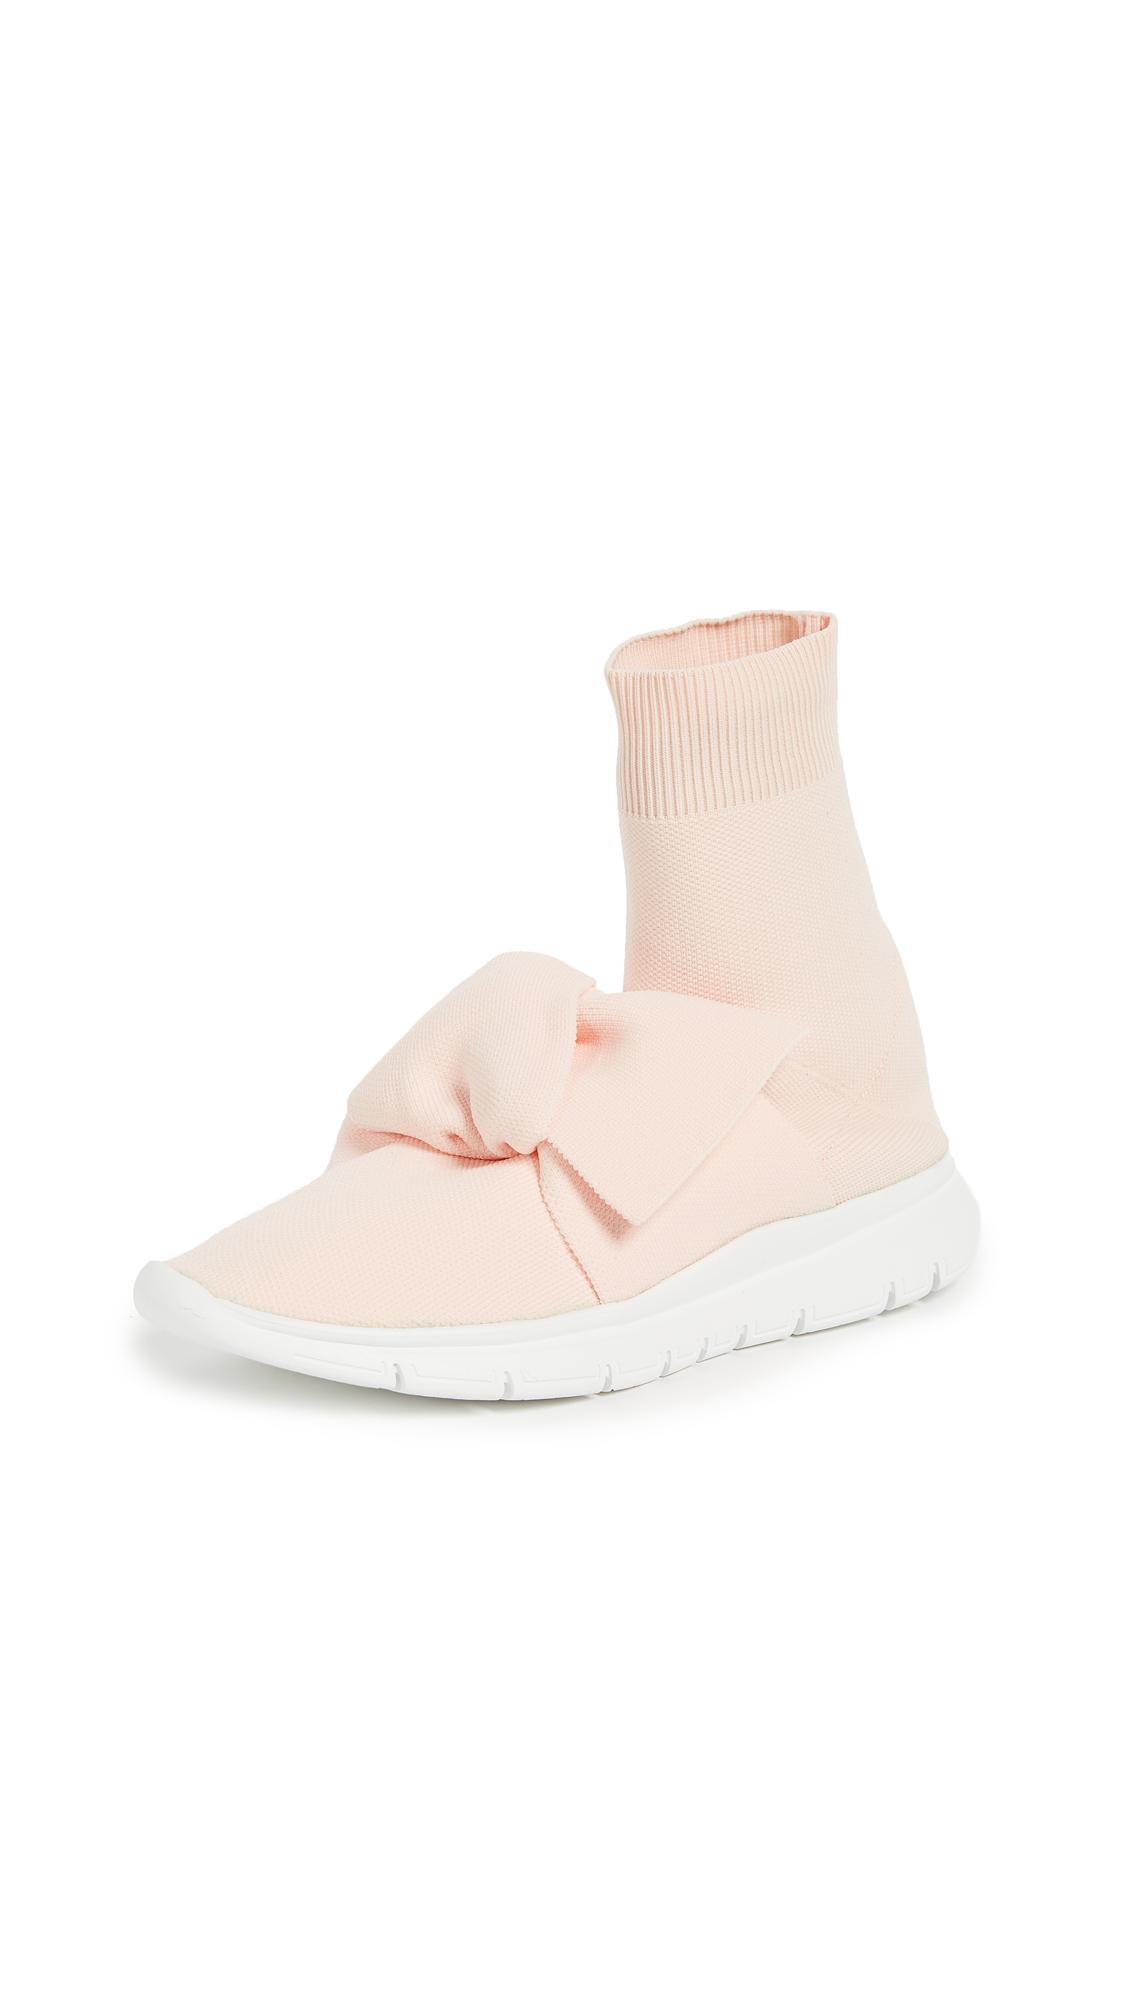 Joshua Sanders Sock Knot Sneakers - Pink